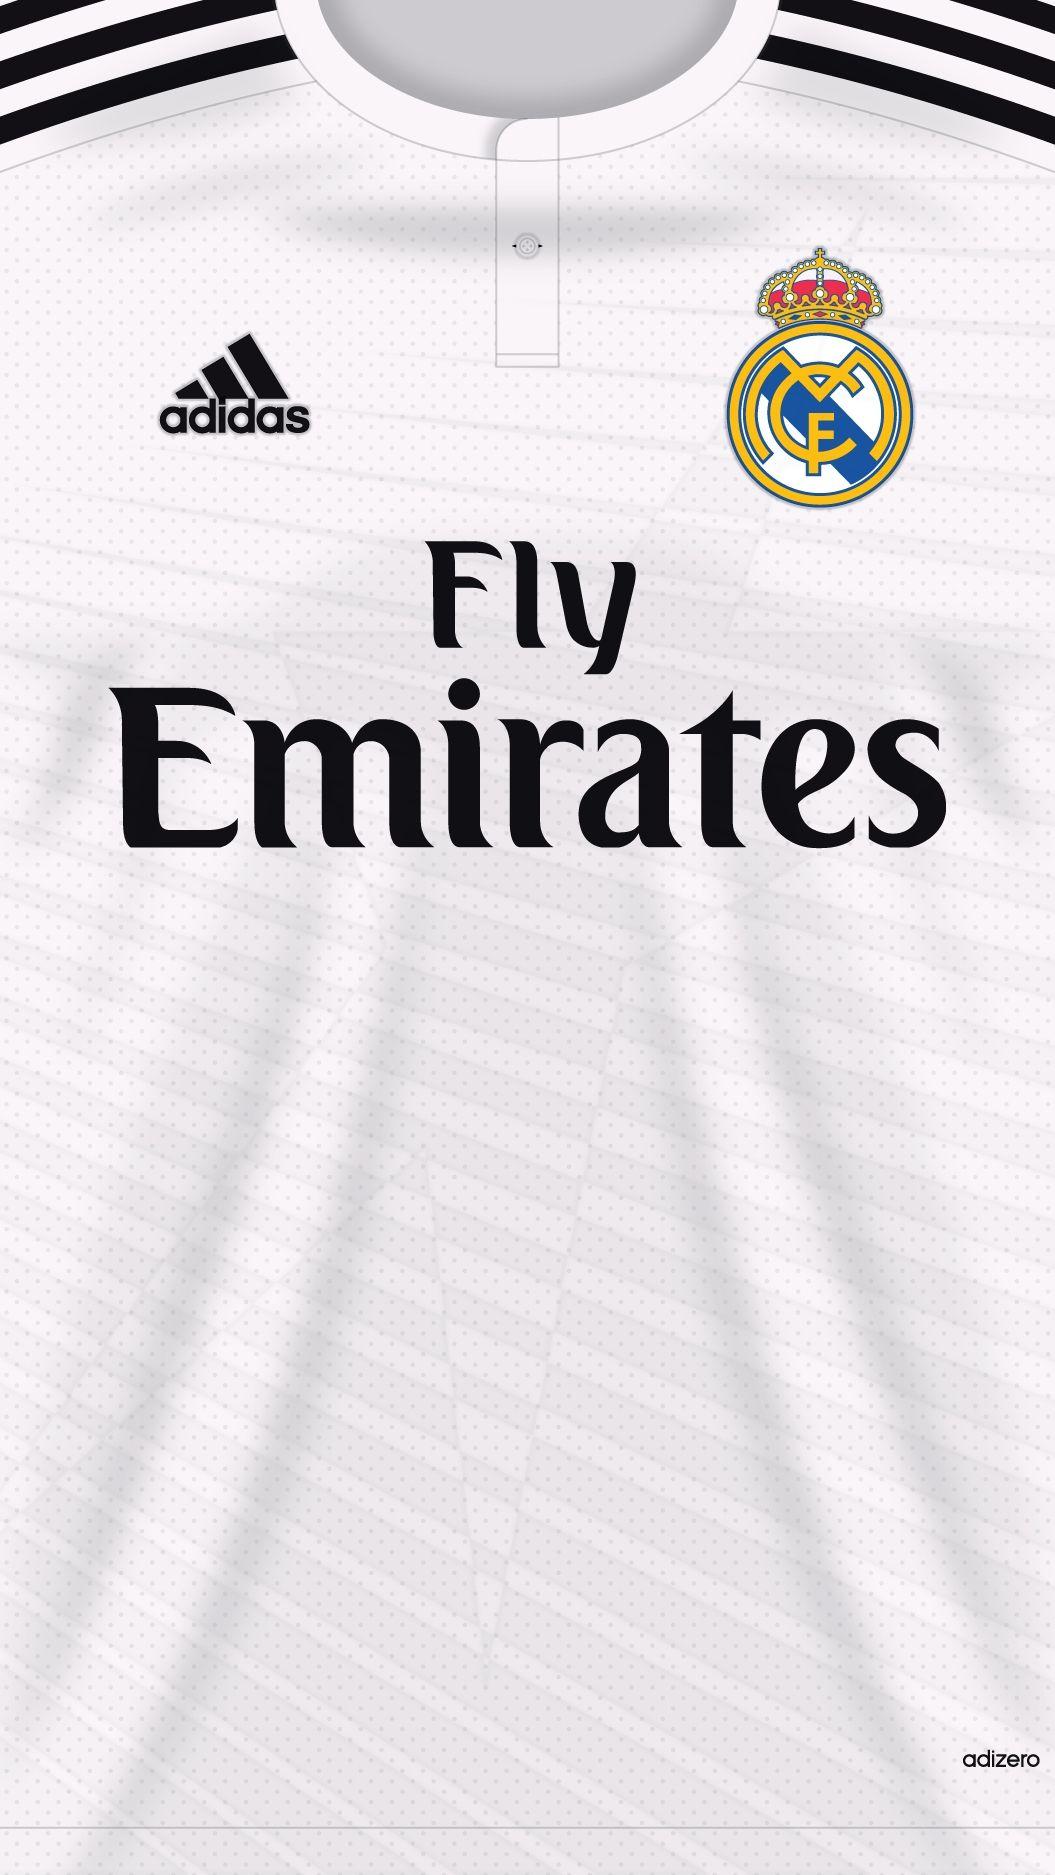 Real Madrid Jersey Iphone Wallpaper Download New Real Madrid Jersey Iphone Wallpaperfor Iphone Wa Camisas De Futebol Camisa De Futebol Equipamento De Futebol